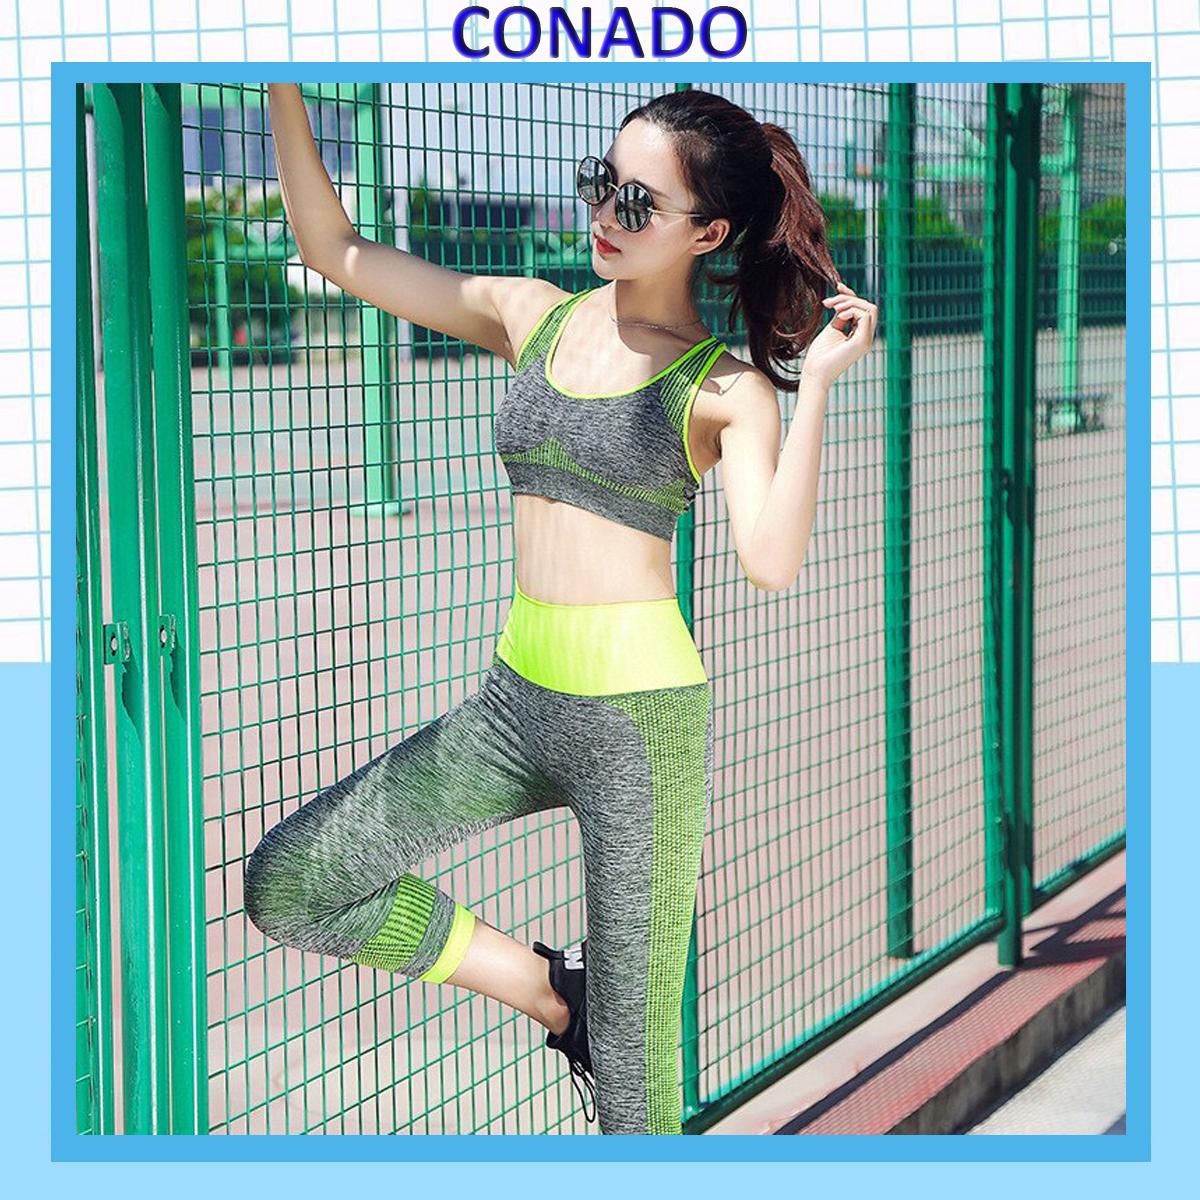 Bộ Quần Áo Tập Gym Yoga Aerobic Thể Thao Nữ YT11, Kiểu Dáng Phong Cách Thời Trang, Co Giãn Tốt, Thoải Mái